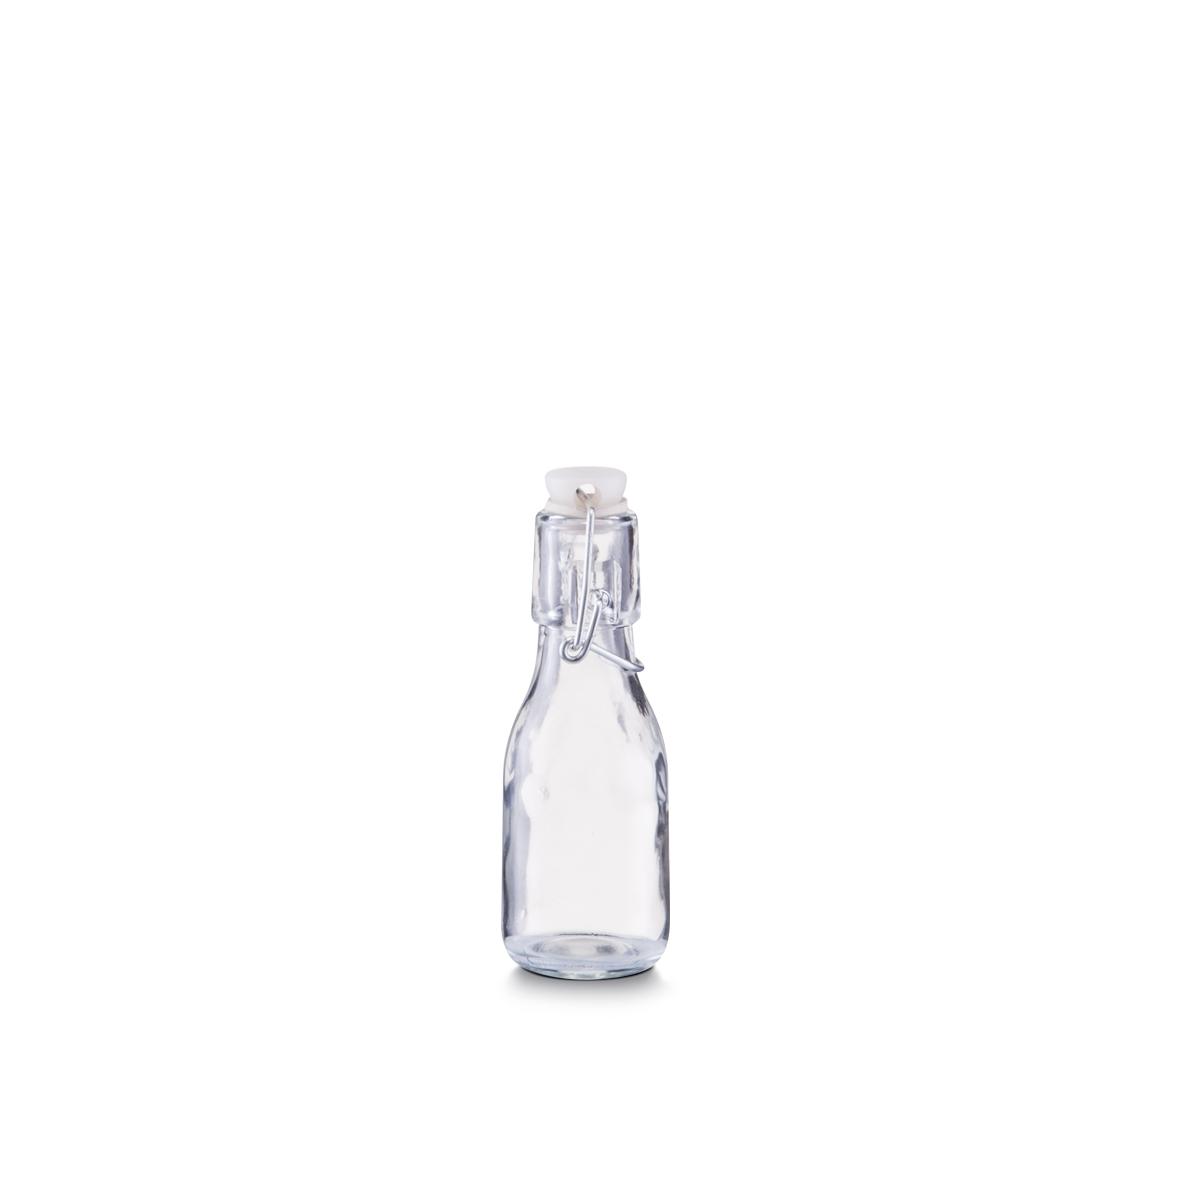 Sticla cu inchidere ermetica Regular, 100 ml, Ø 4,8xH14,5 cm